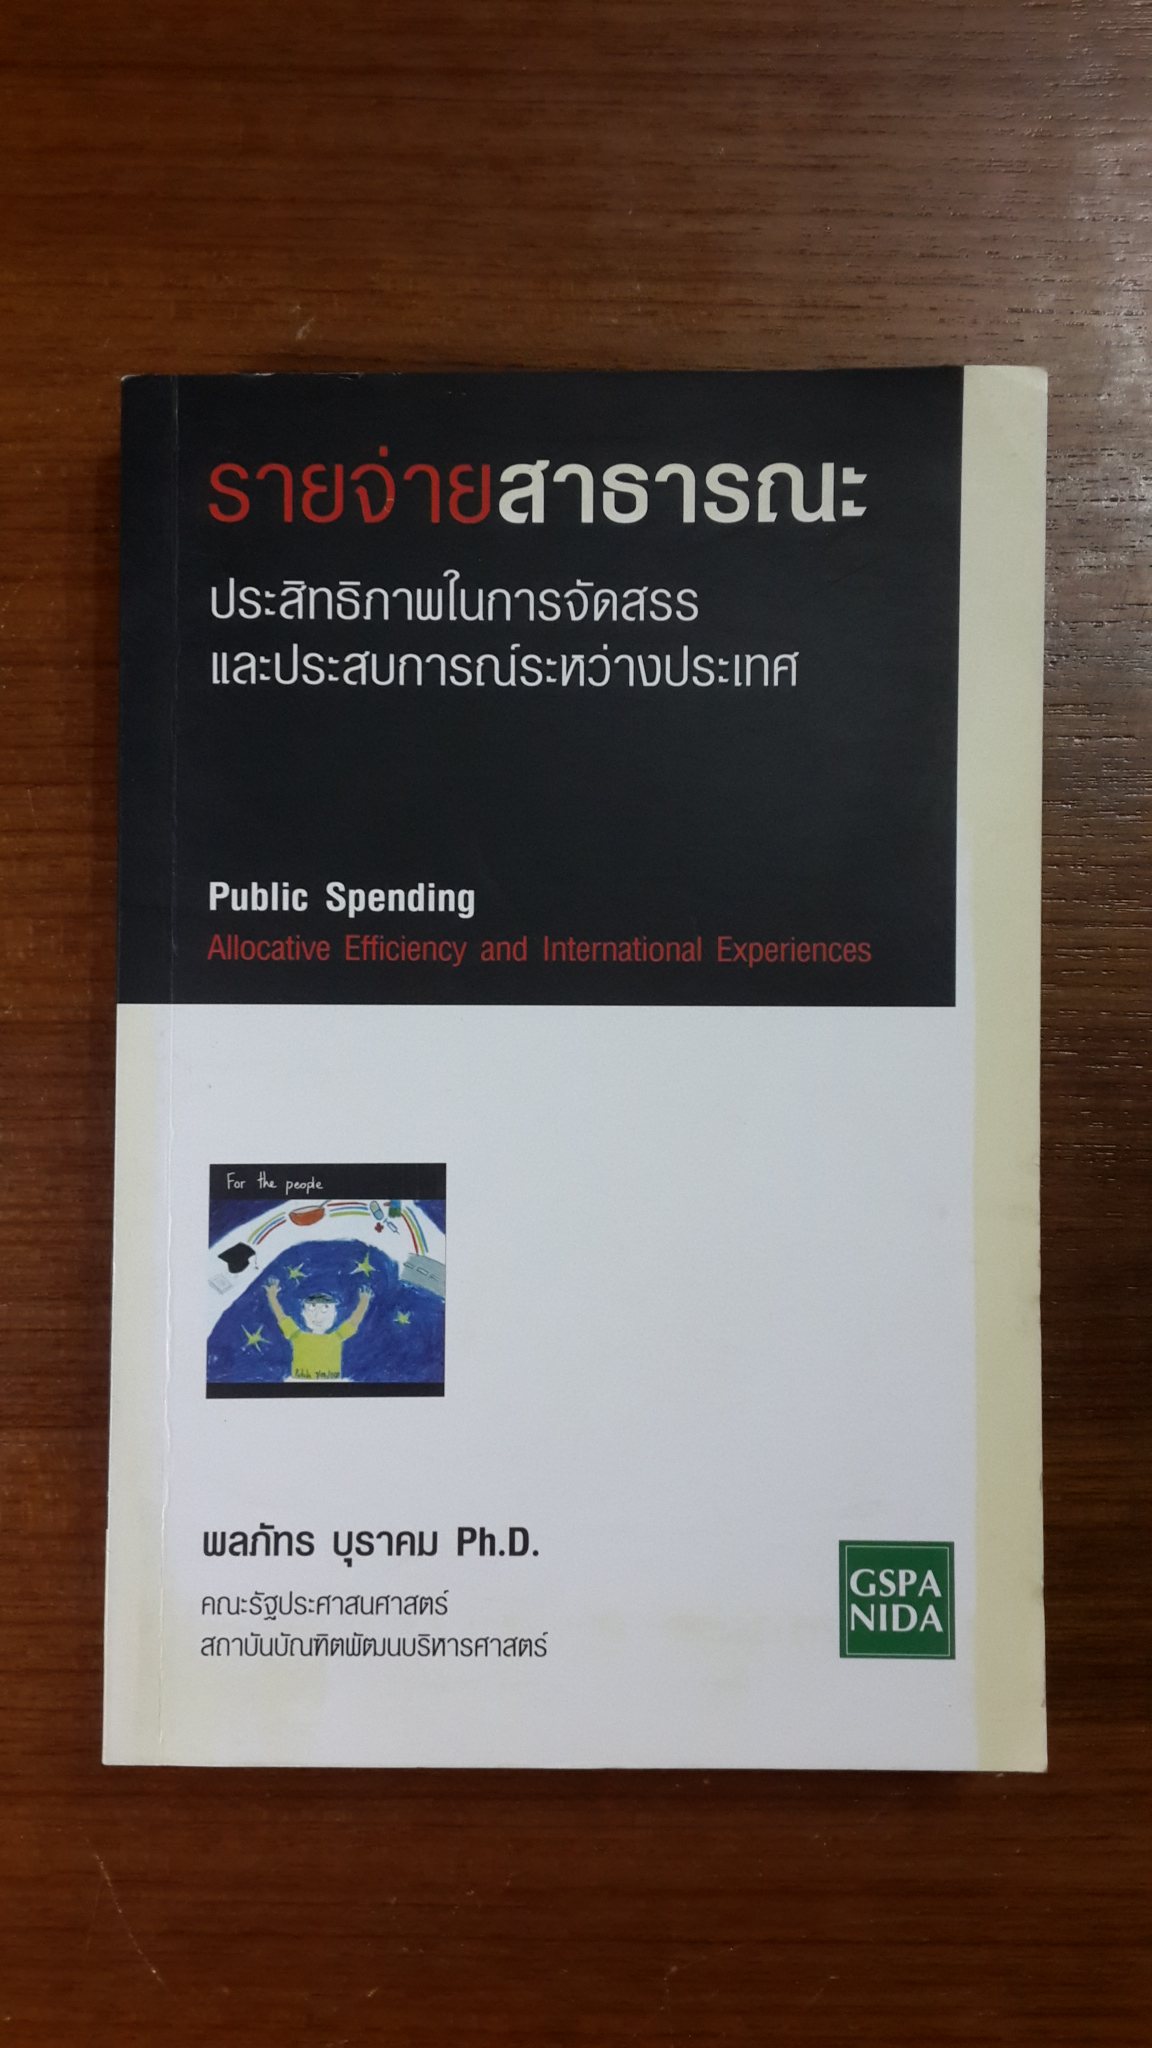 รายจ่ายสาธารณะ : ประสิทธิภาพในการจัดสรร และประสบการณ์ระหว่างประเทศ / พลภัทร บุราคม